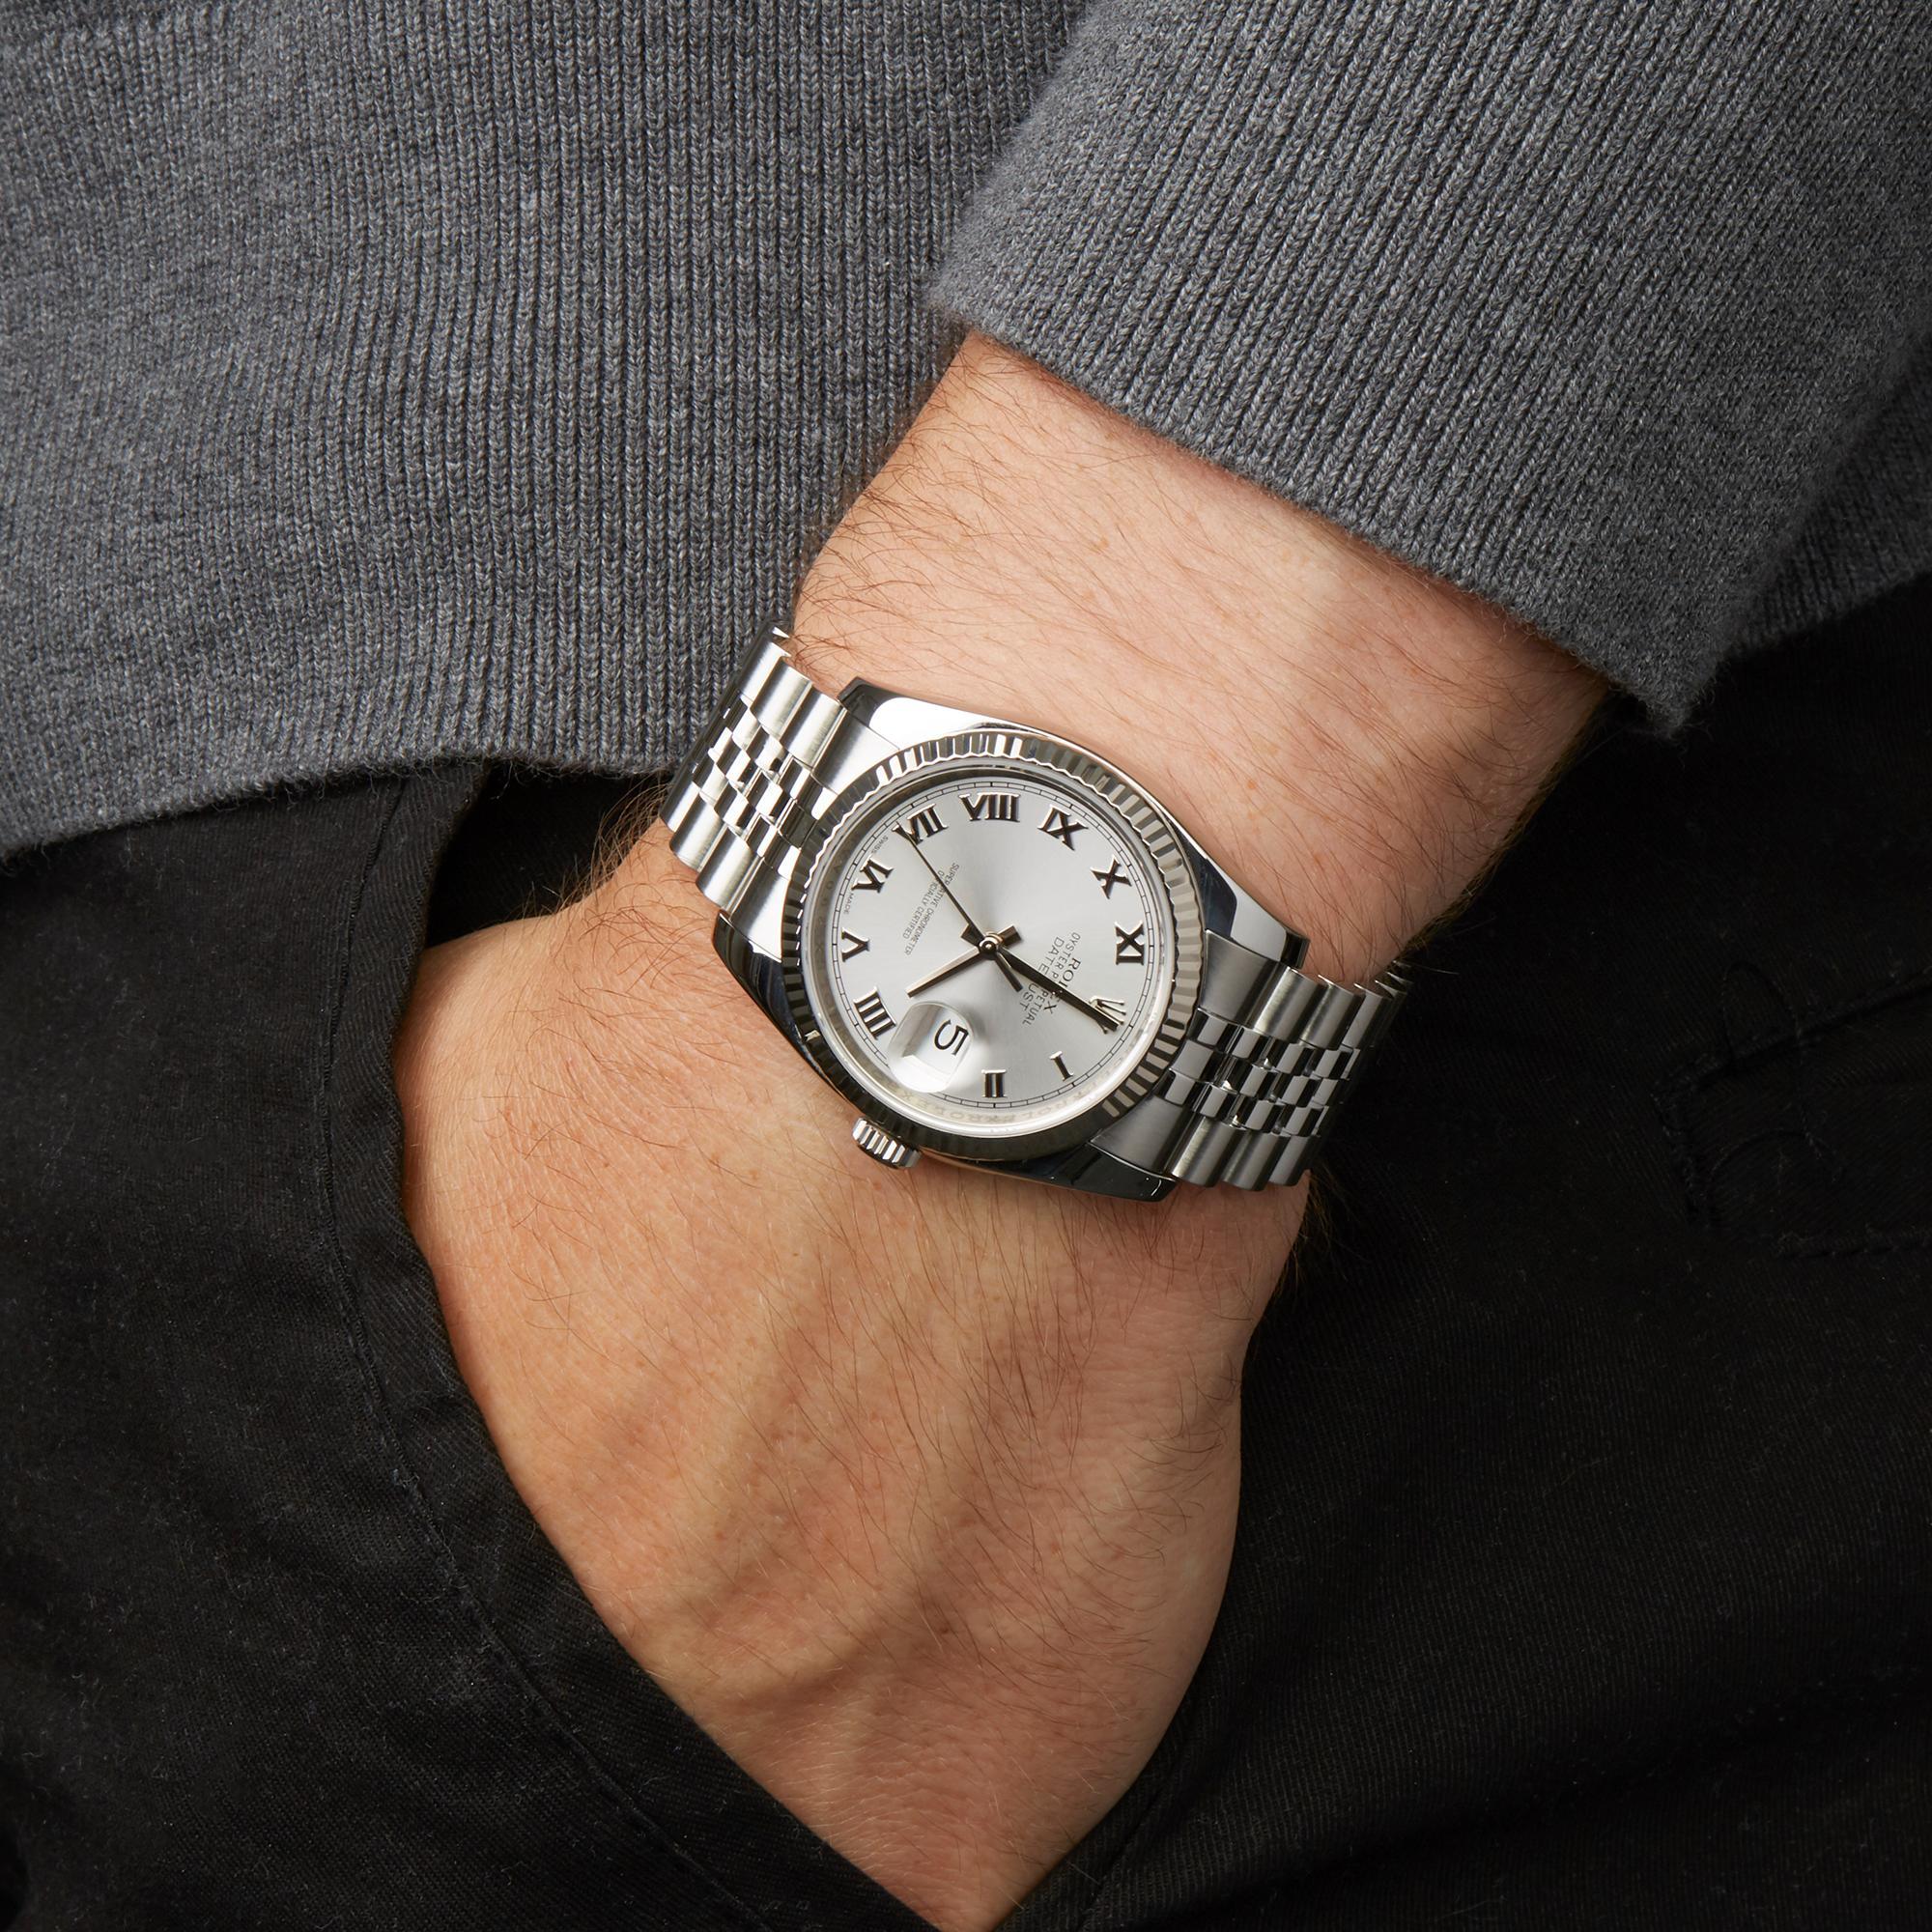 Rolex Datejust 36 Stainless Steel 116234 Wristshot